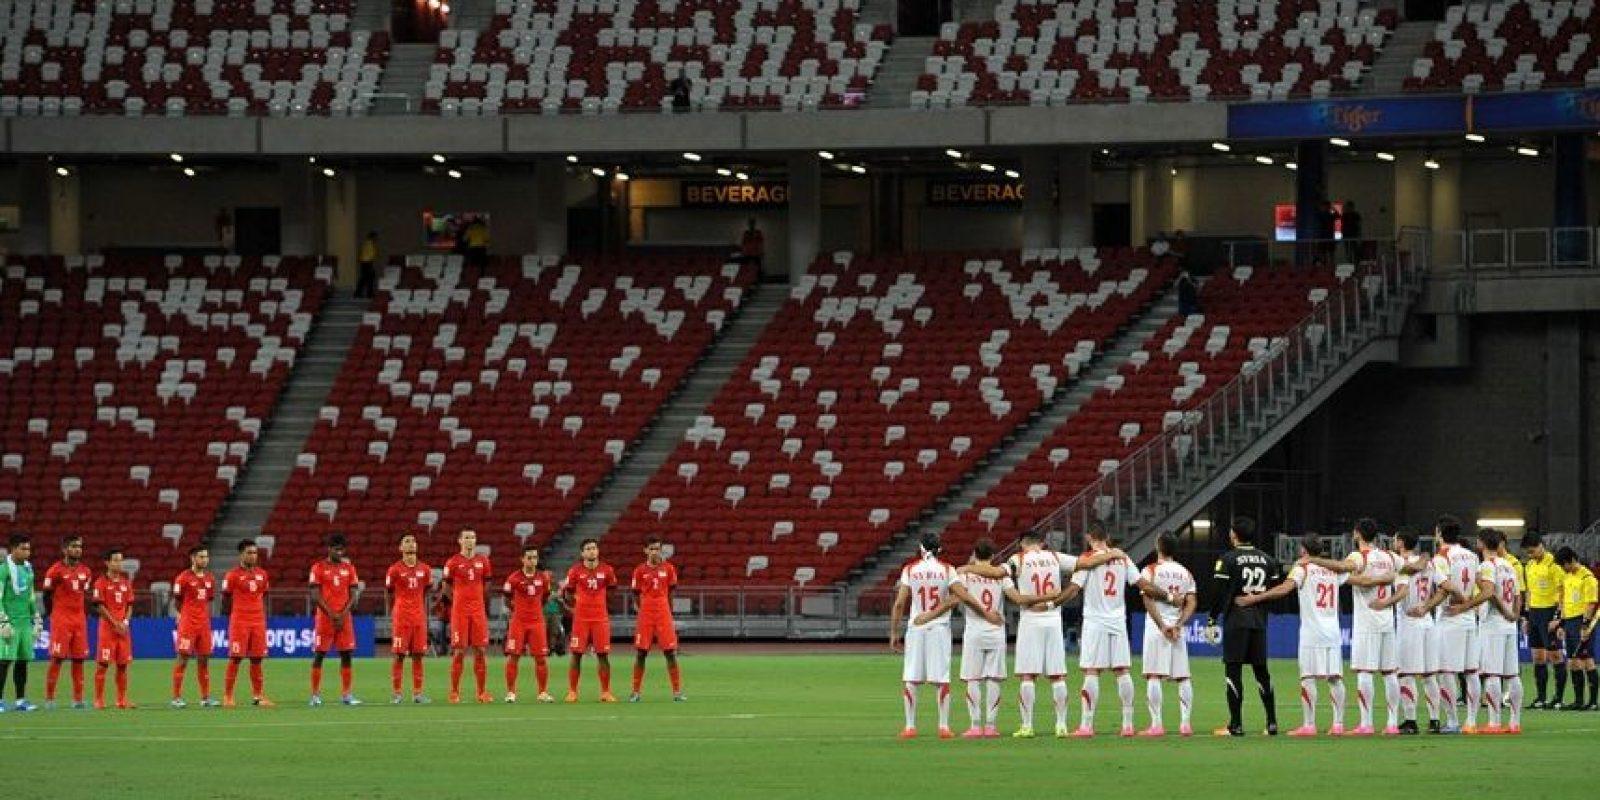 Mientras que los terceros lugares de cada grupo juegan una eliminatoria para obtener el pase a la reclasificación contra el cuarto lugar de Concacaf Foto:Getty Images